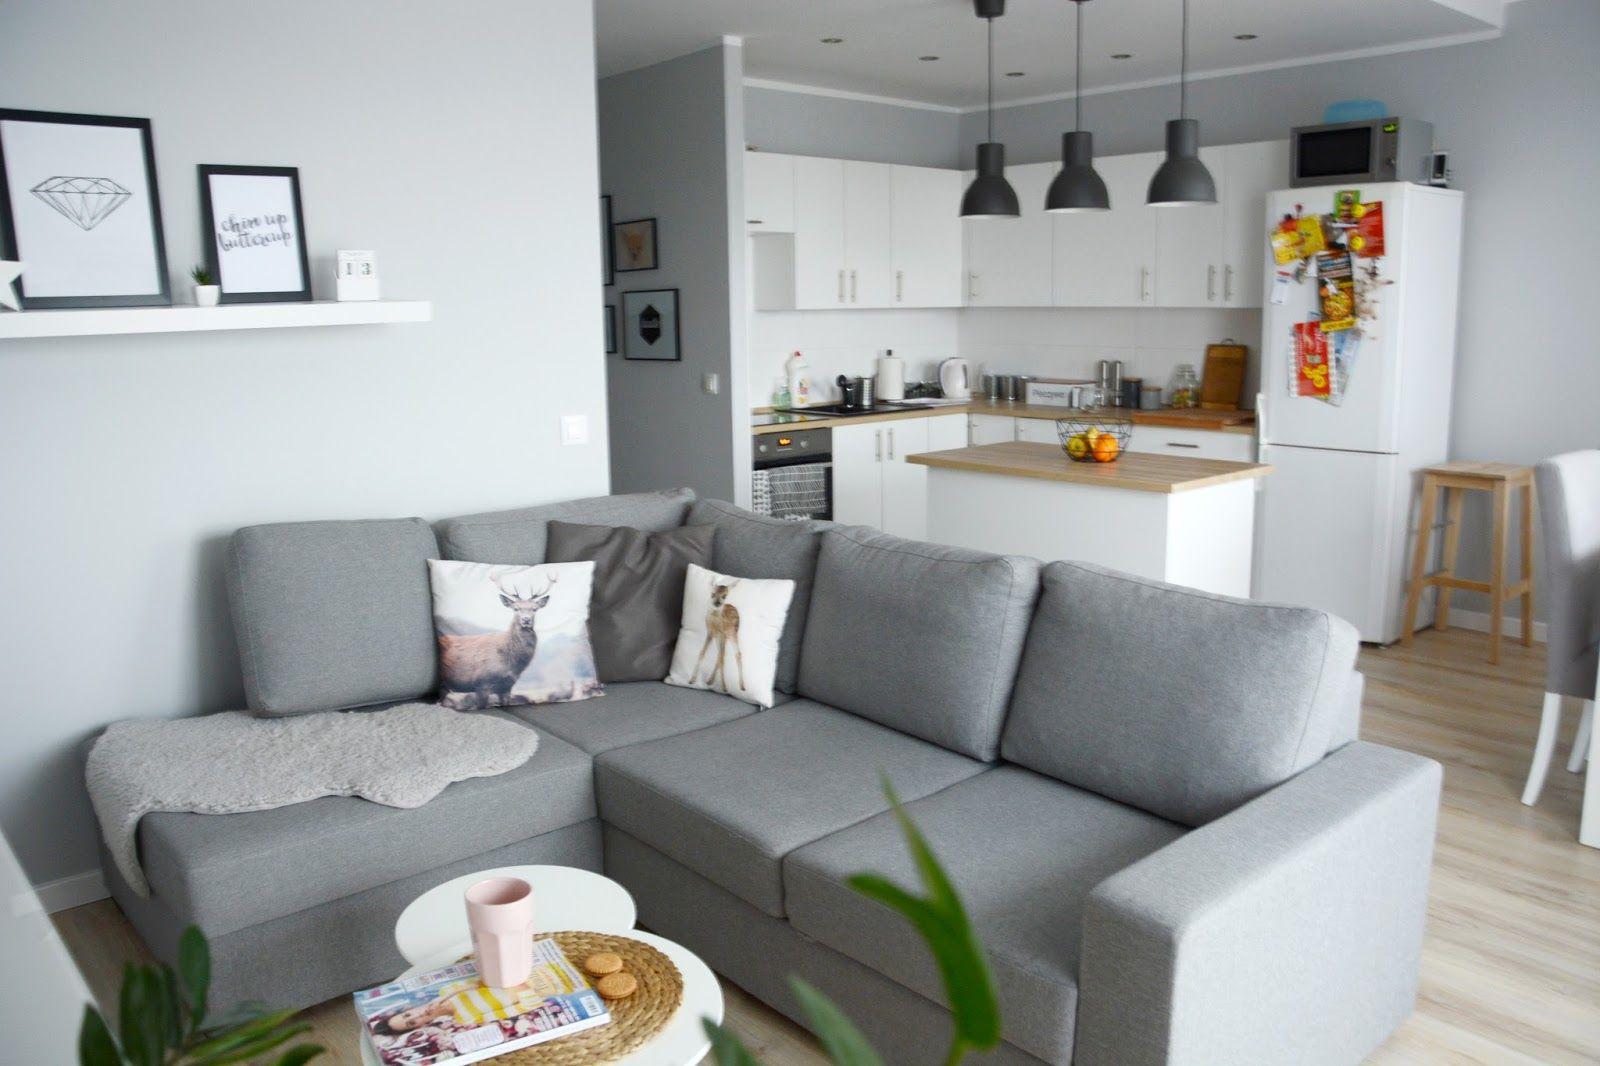 Inspiracje Jak Tanio Wyremontowac Mieszkanie Tani Remont Jak Tanio Wyremontowac M3 Szare Mieszkanie Mieszkanie W Bloku W Stylu S Home Decor Home Furniture